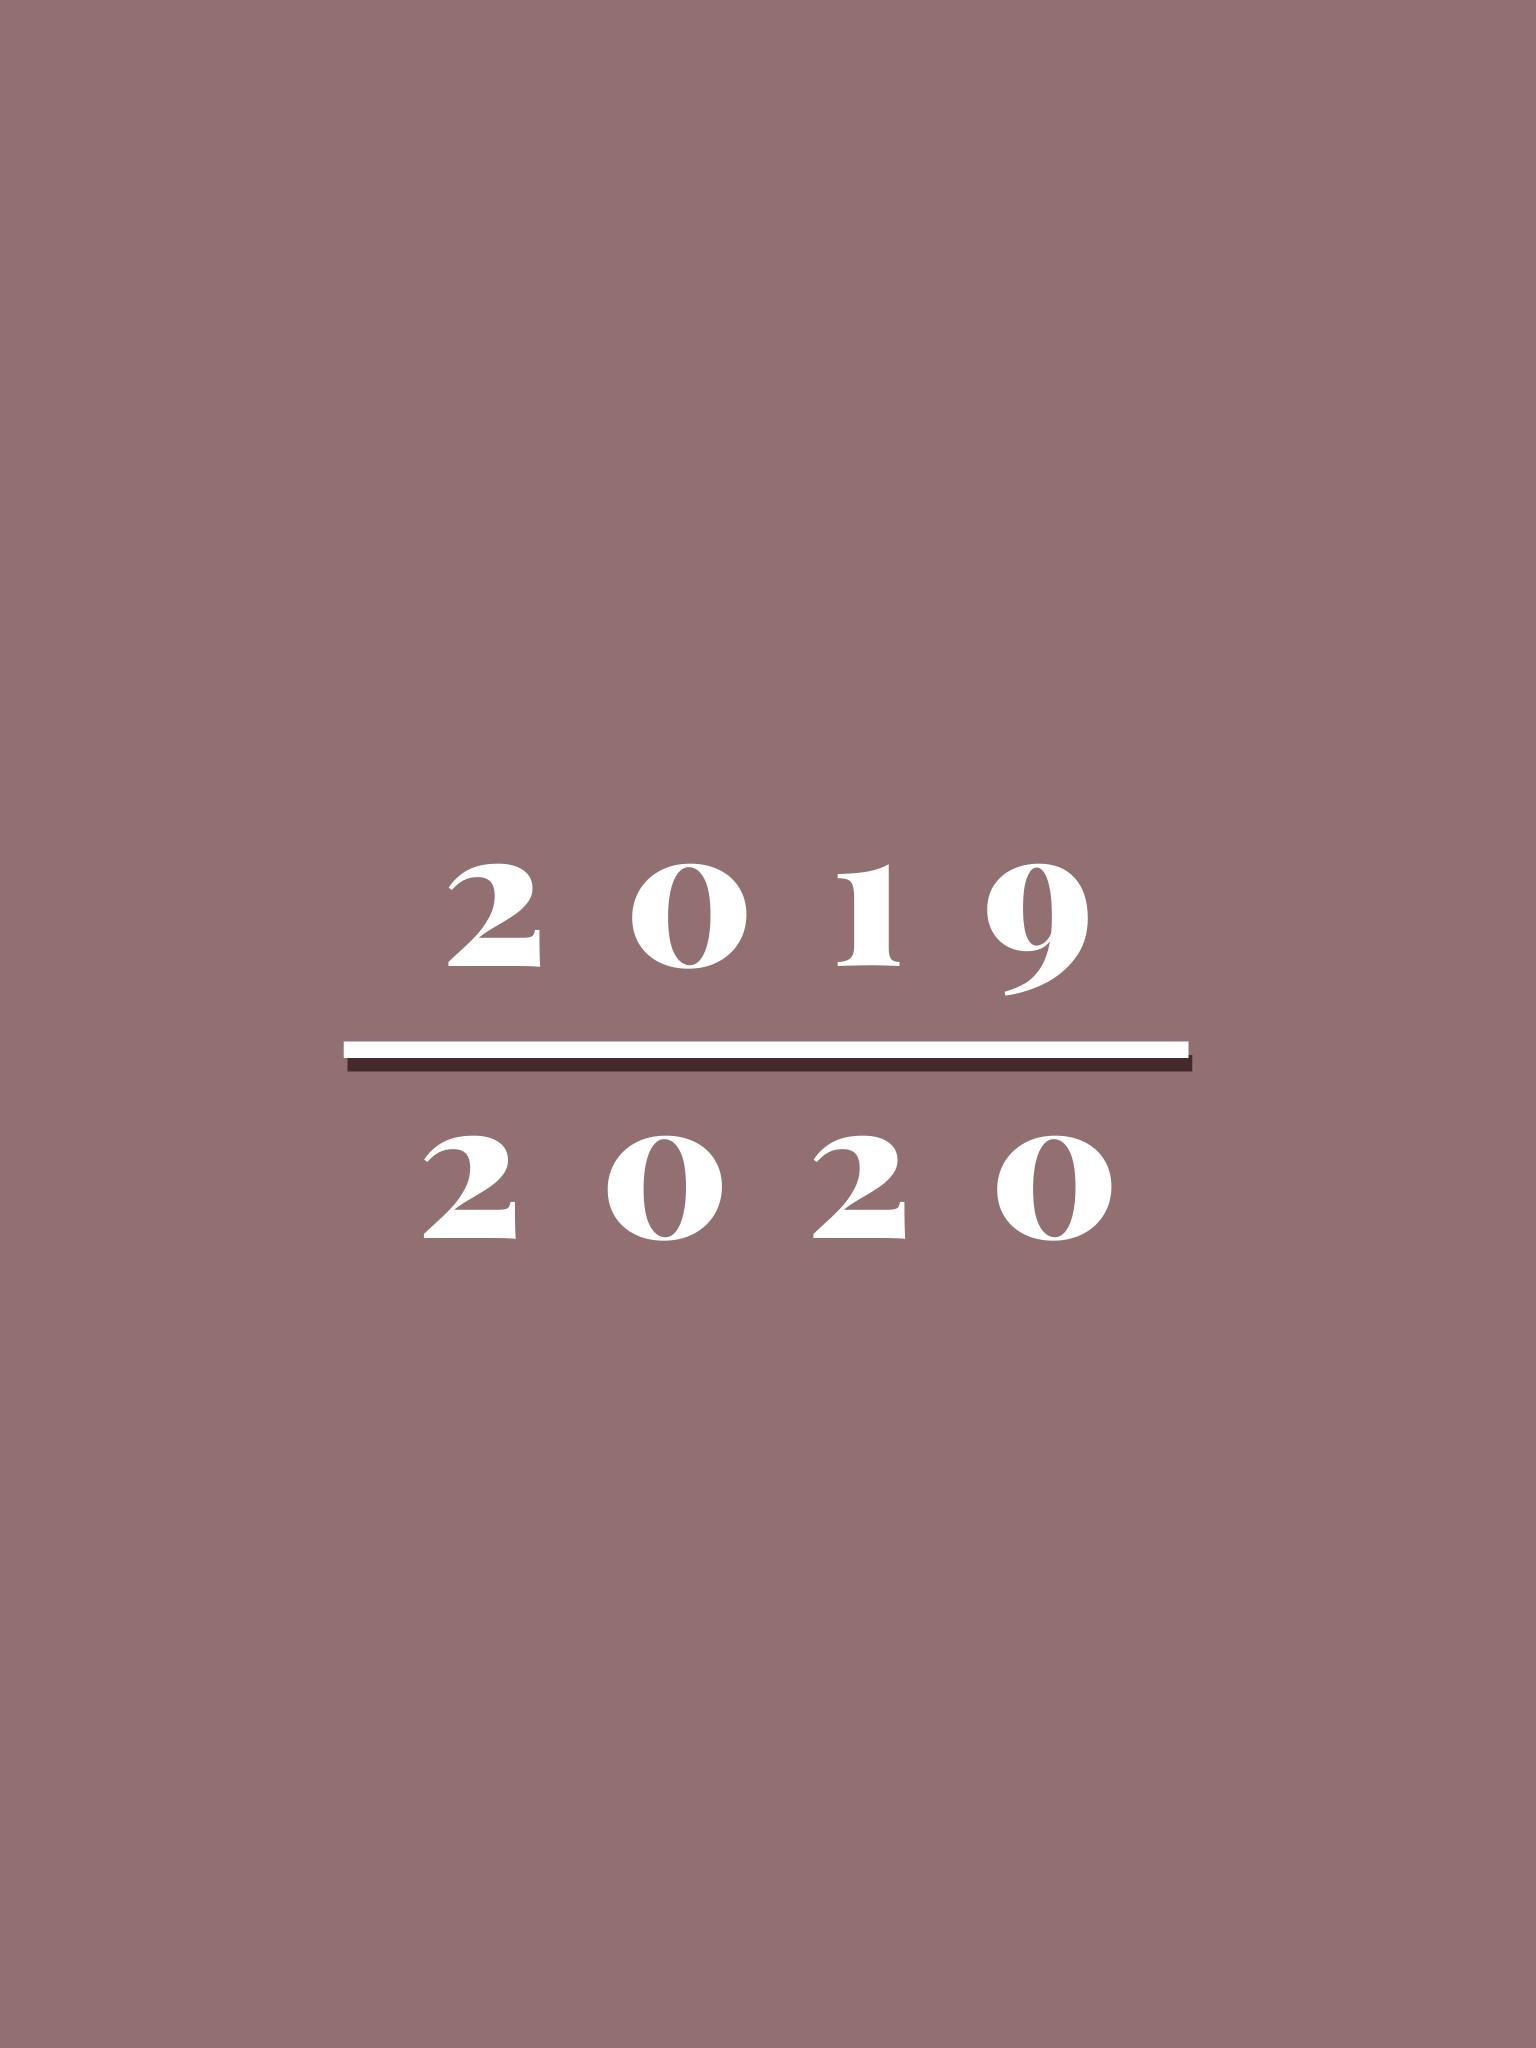 osvrt na prethodnu godinu i novogodišnje odluke za narednu